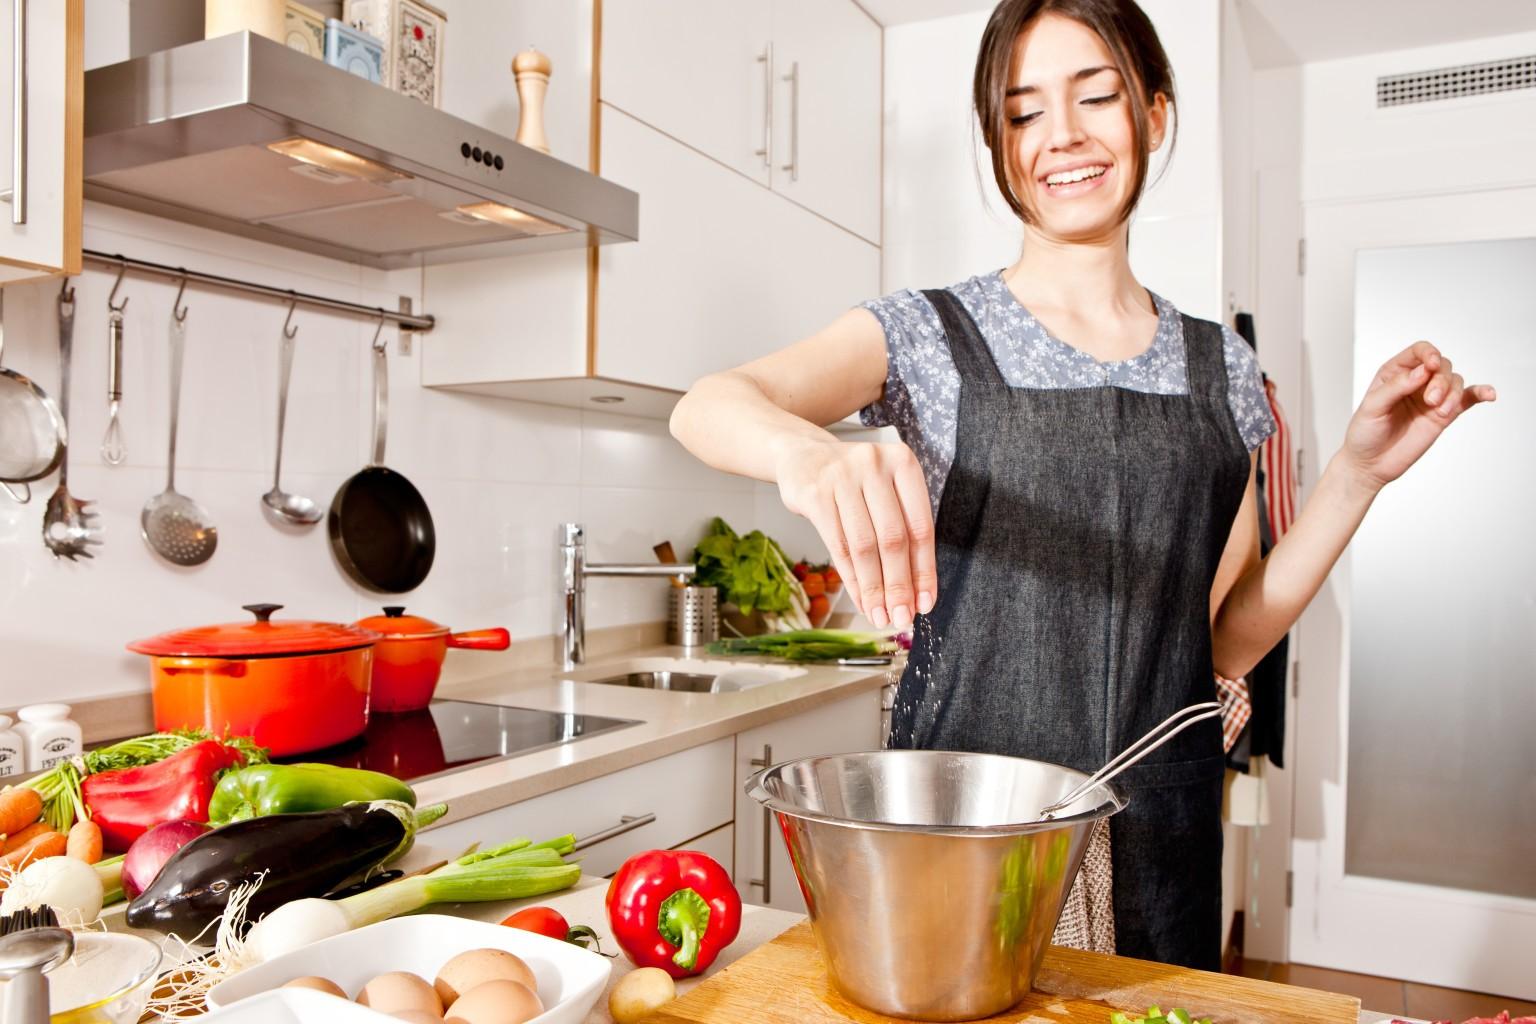 Cucinare un 39 occasione per esprimere se stessi - Cucinare spendendo poco ...